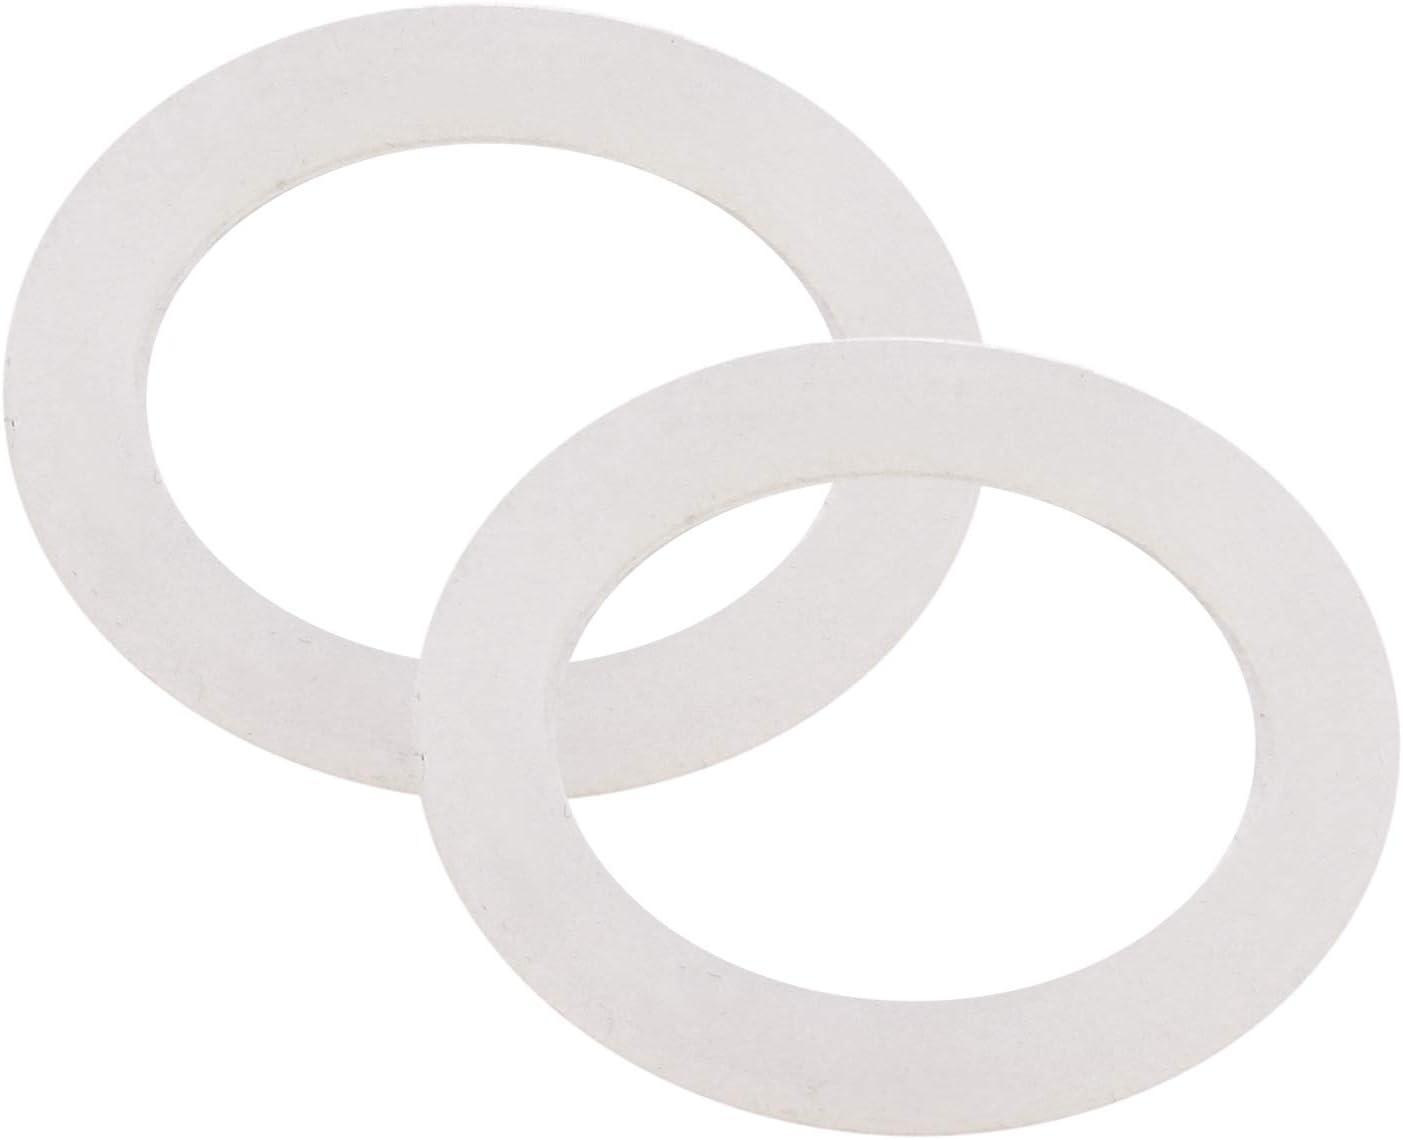 DERNORD Silicone Washer Gasket Sealing O Rings Inner Diameter: 41mm / 1.6